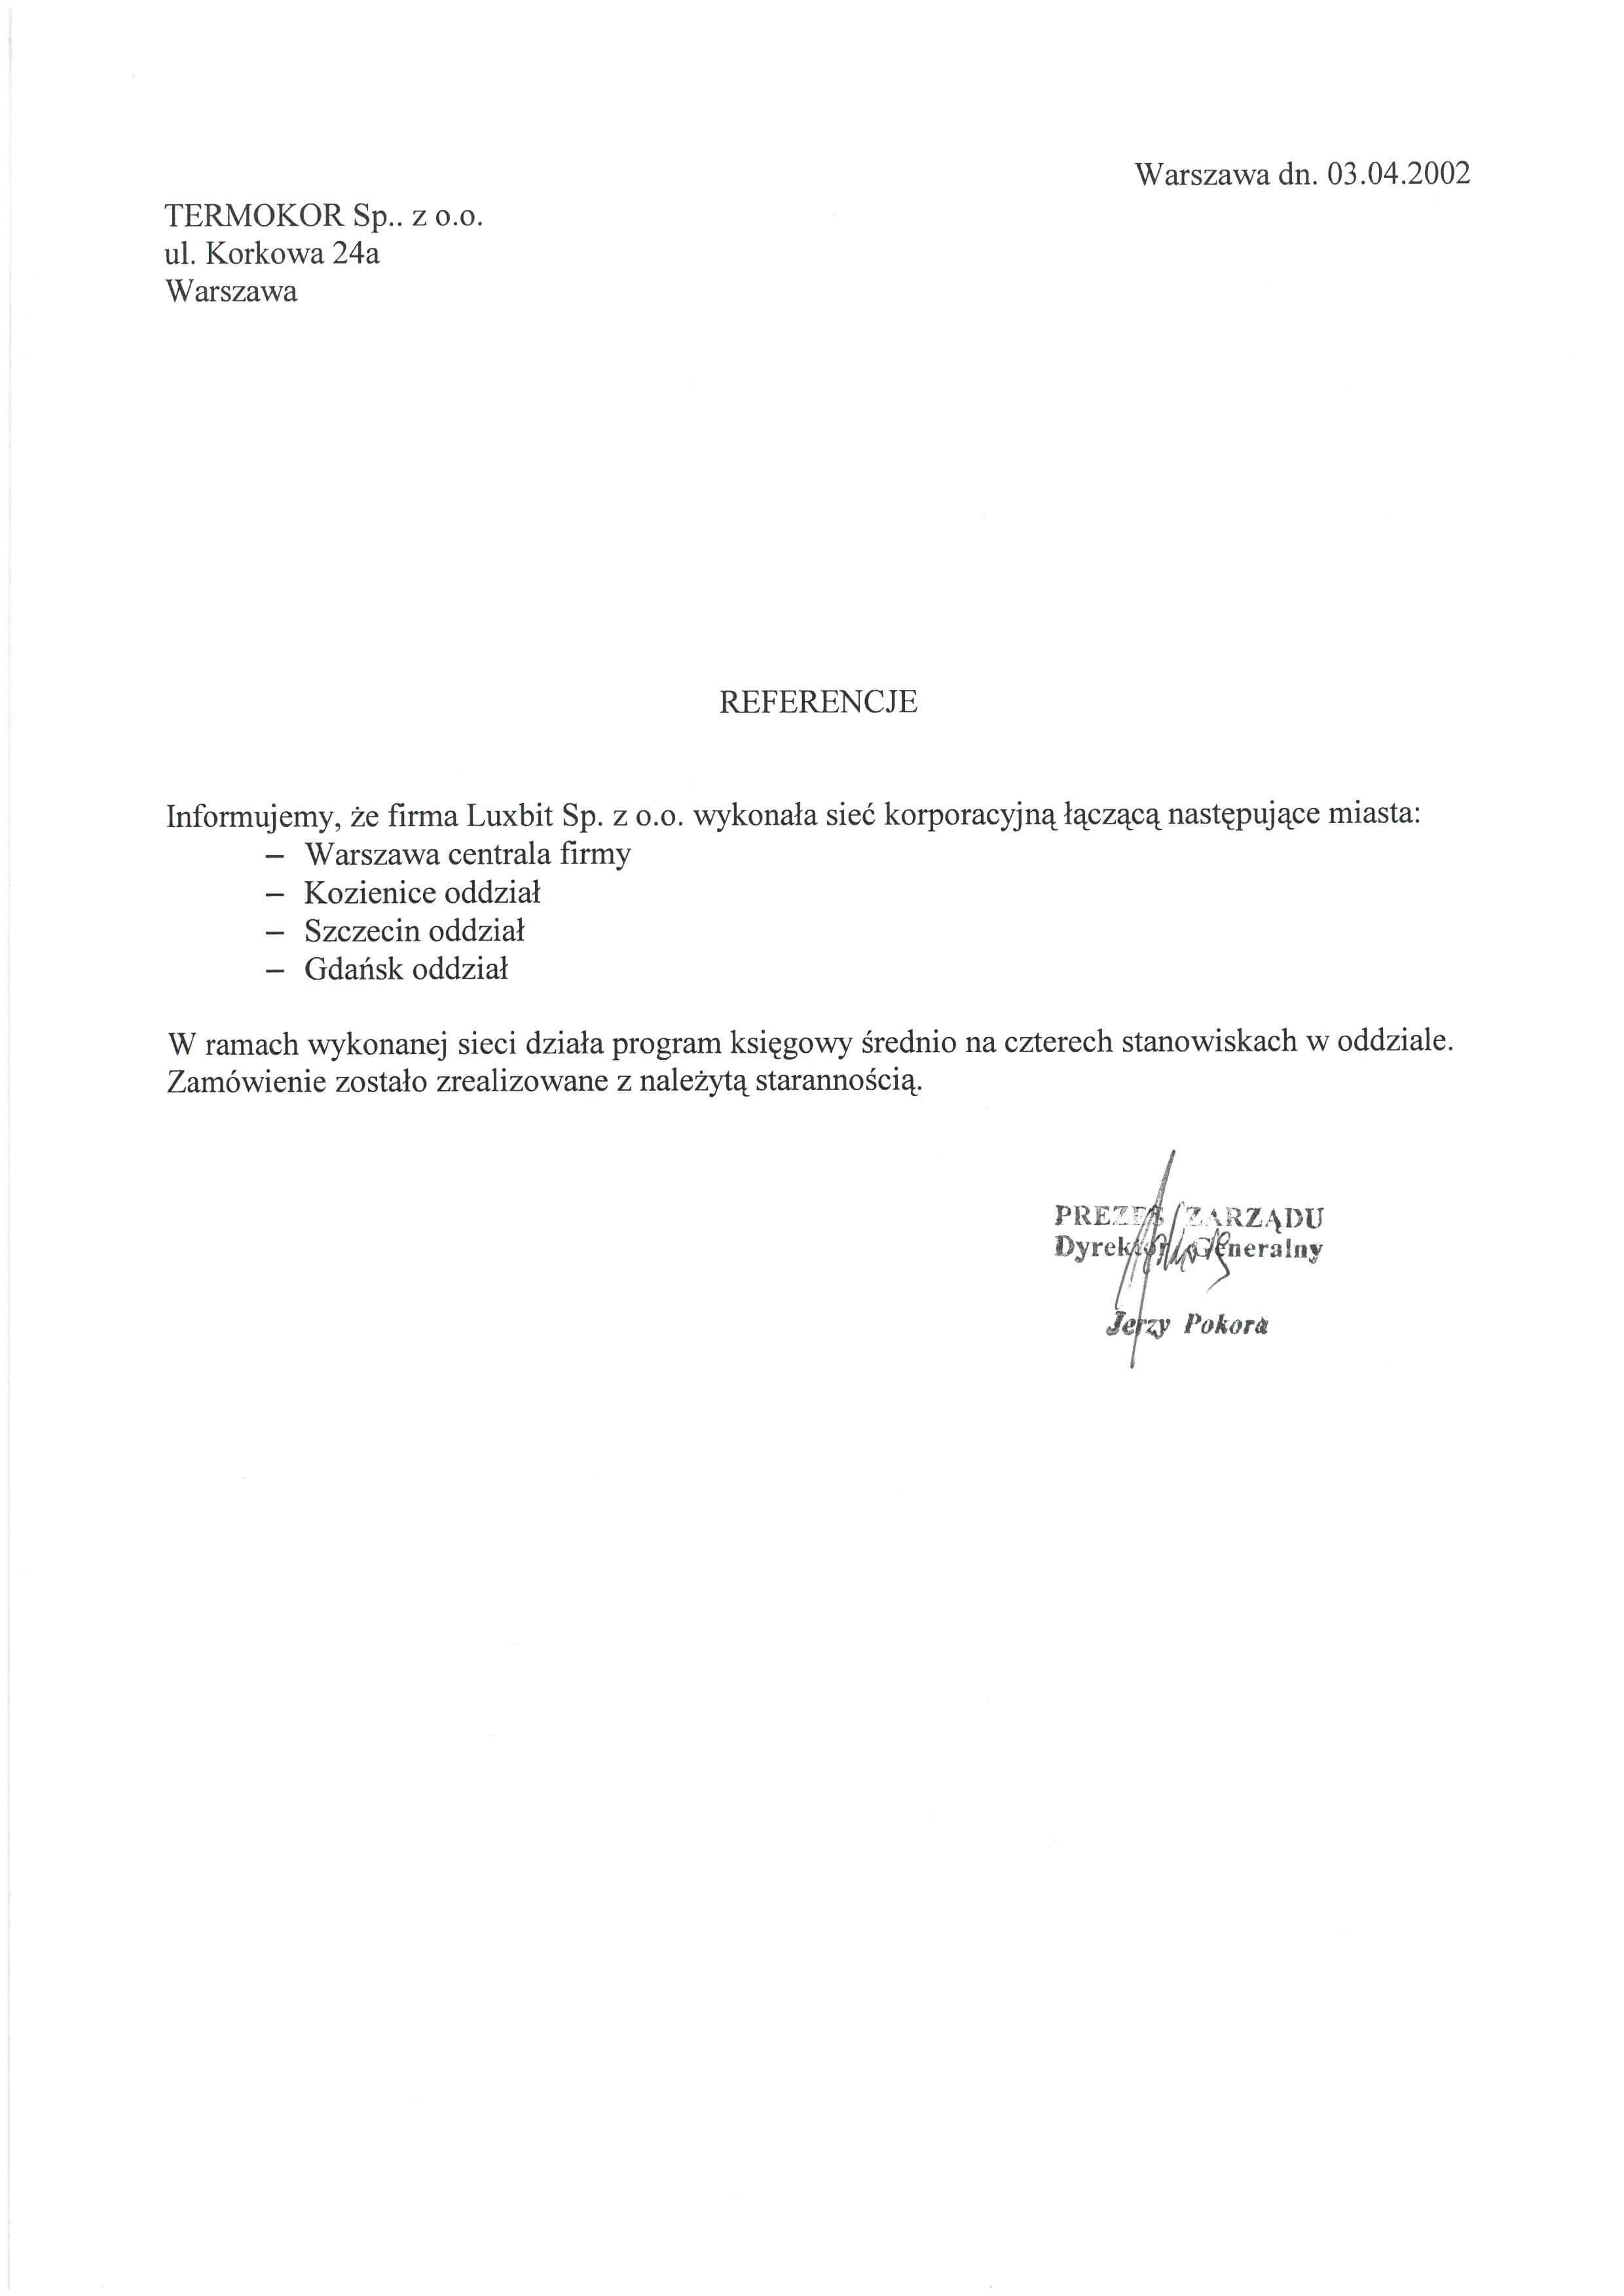 Referencje - Termokor